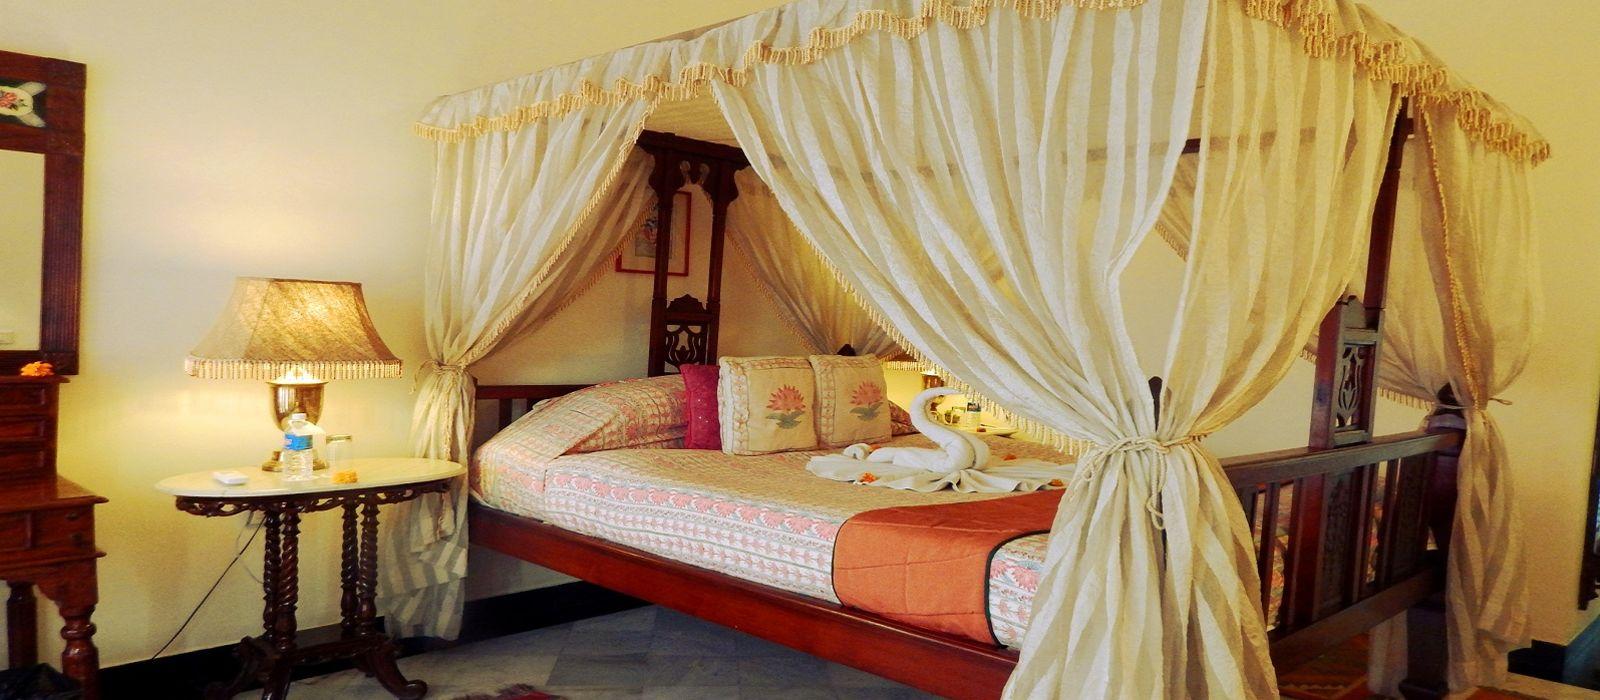 Hotel Udai Kothi North India